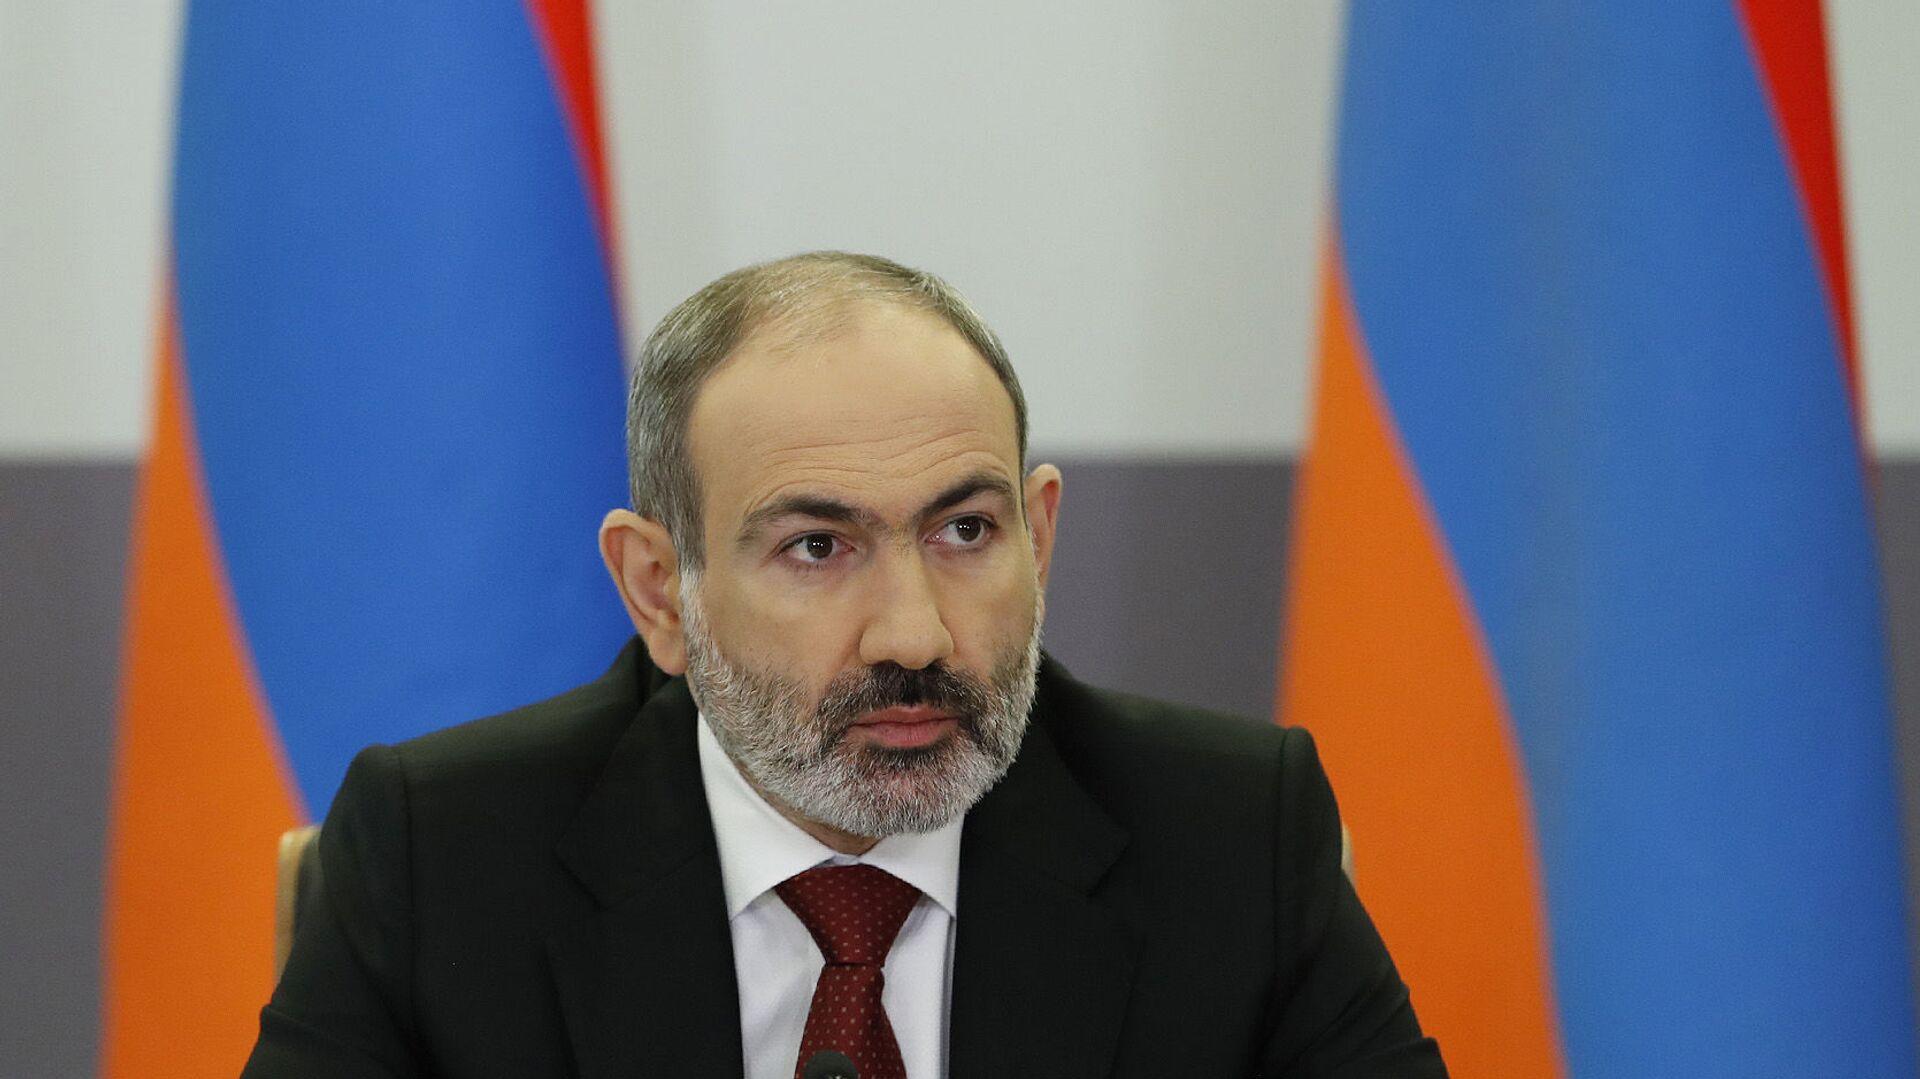 Премьер-министр Никол Пашинян - Sputnik Армения, 1920, 14.10.2021